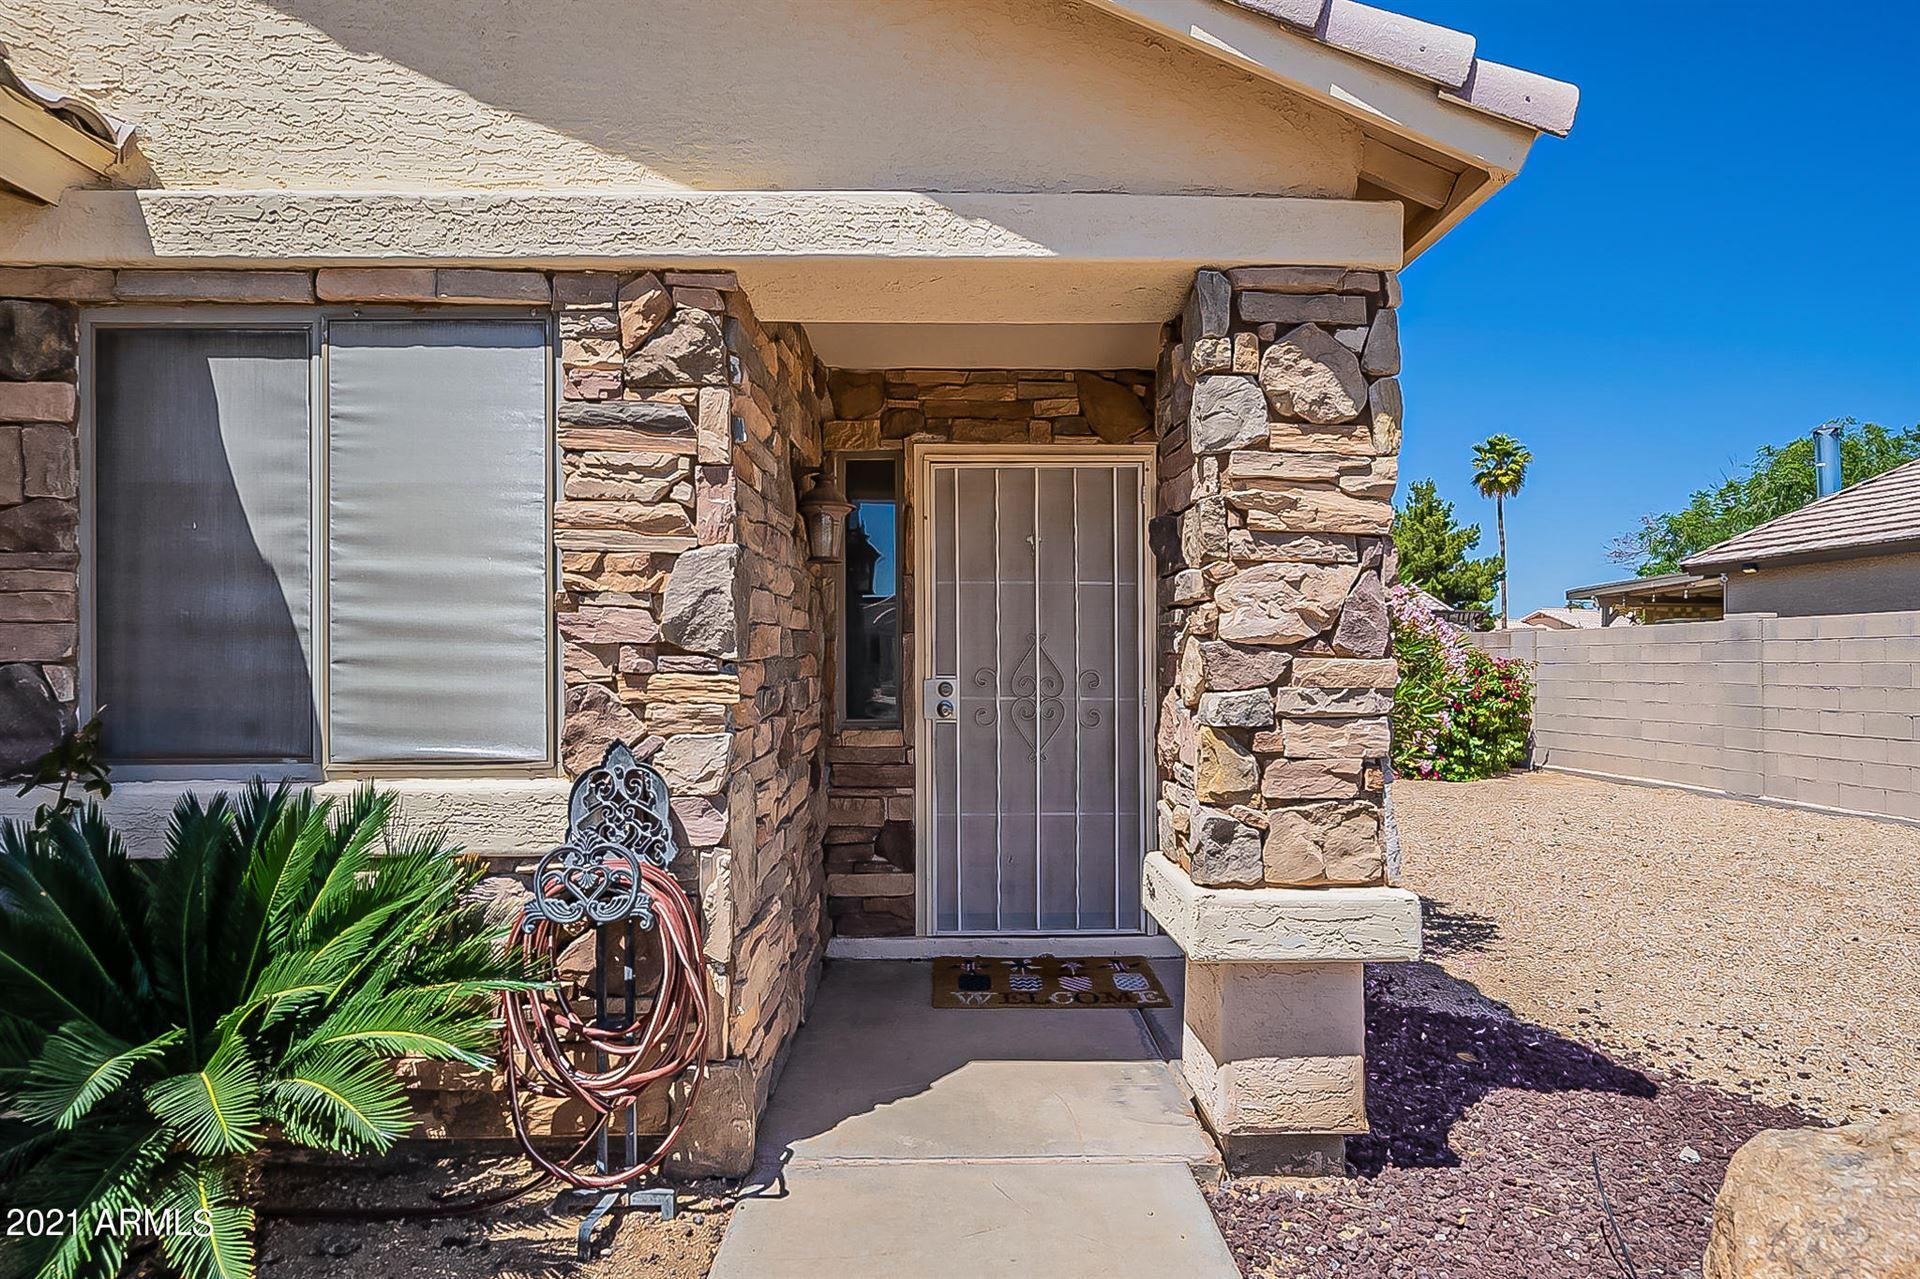 Photo of 16534 N 157TH Avenue, Surprise, AZ 85374 (MLS # 6232407)